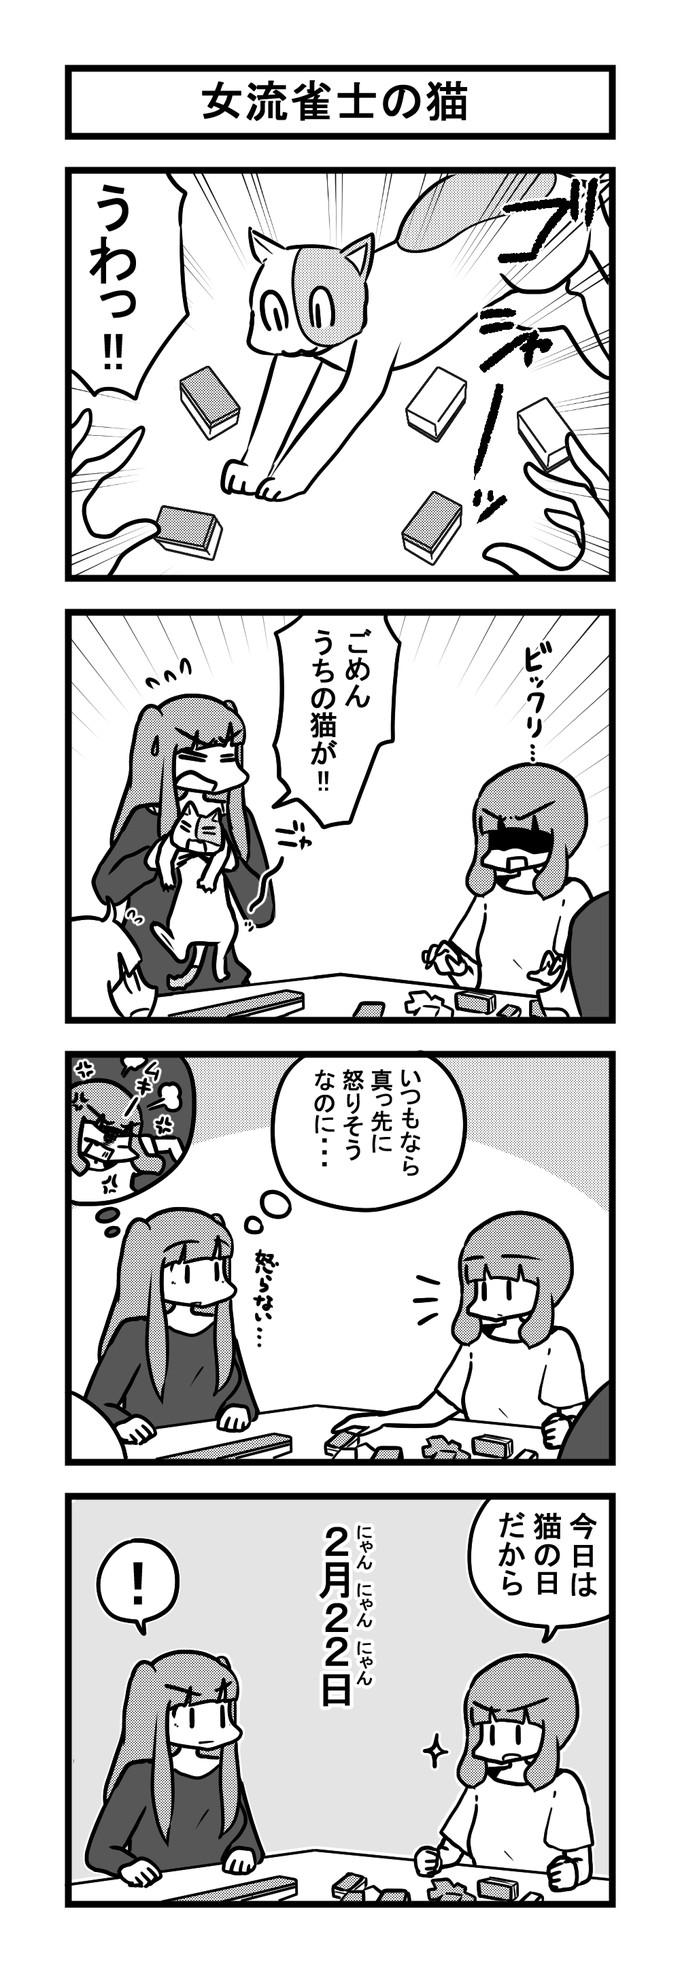 1023女流雀士の猫-min